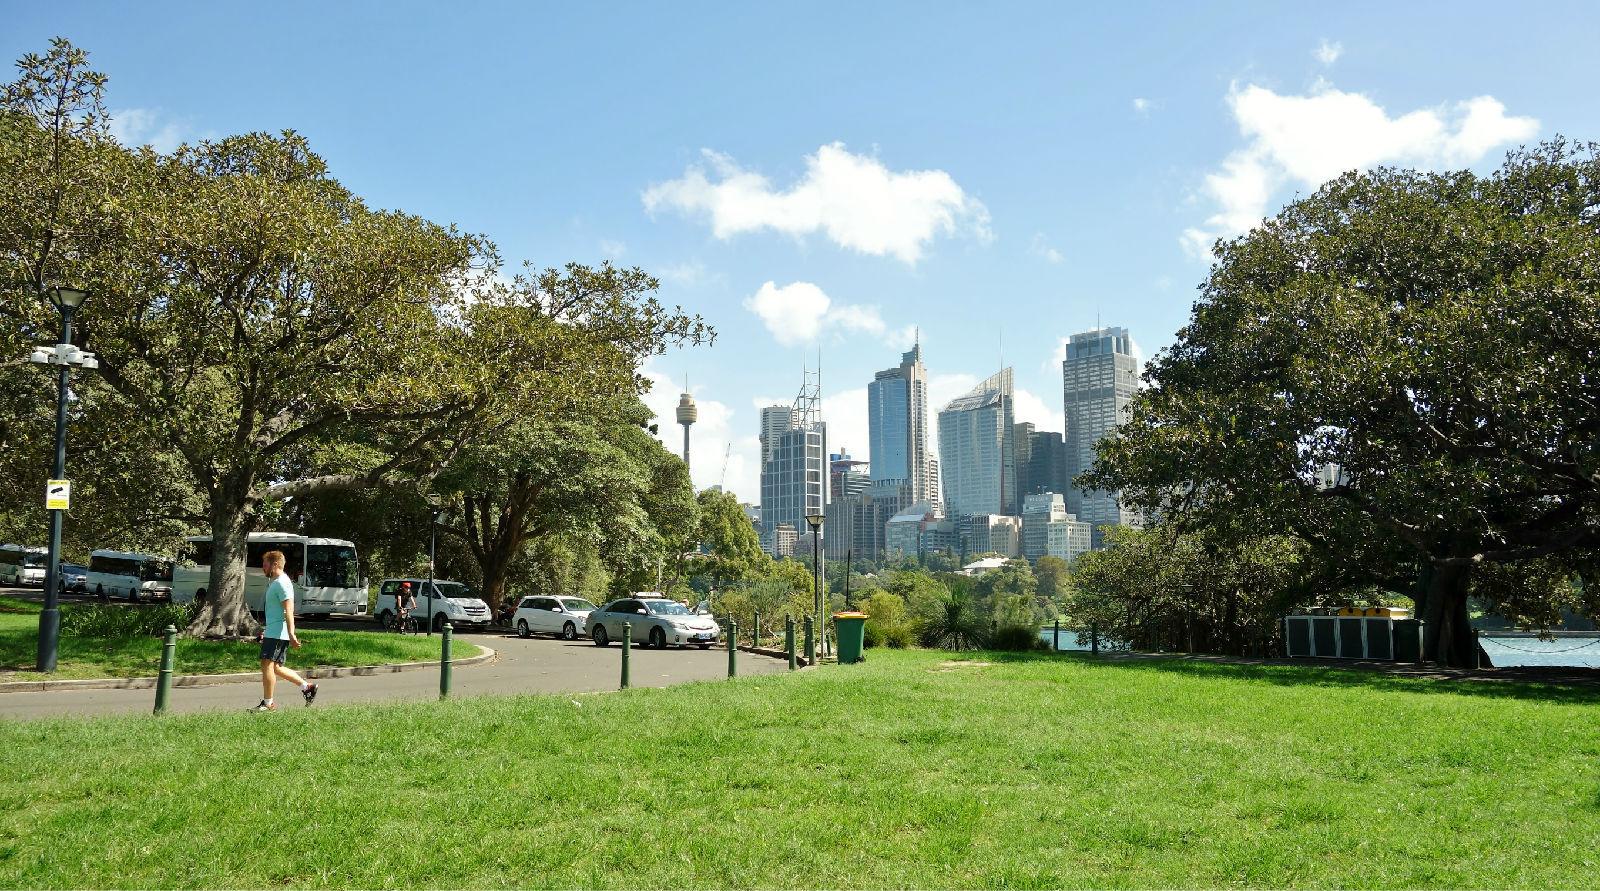 澳大利亚旅游攻略图片494